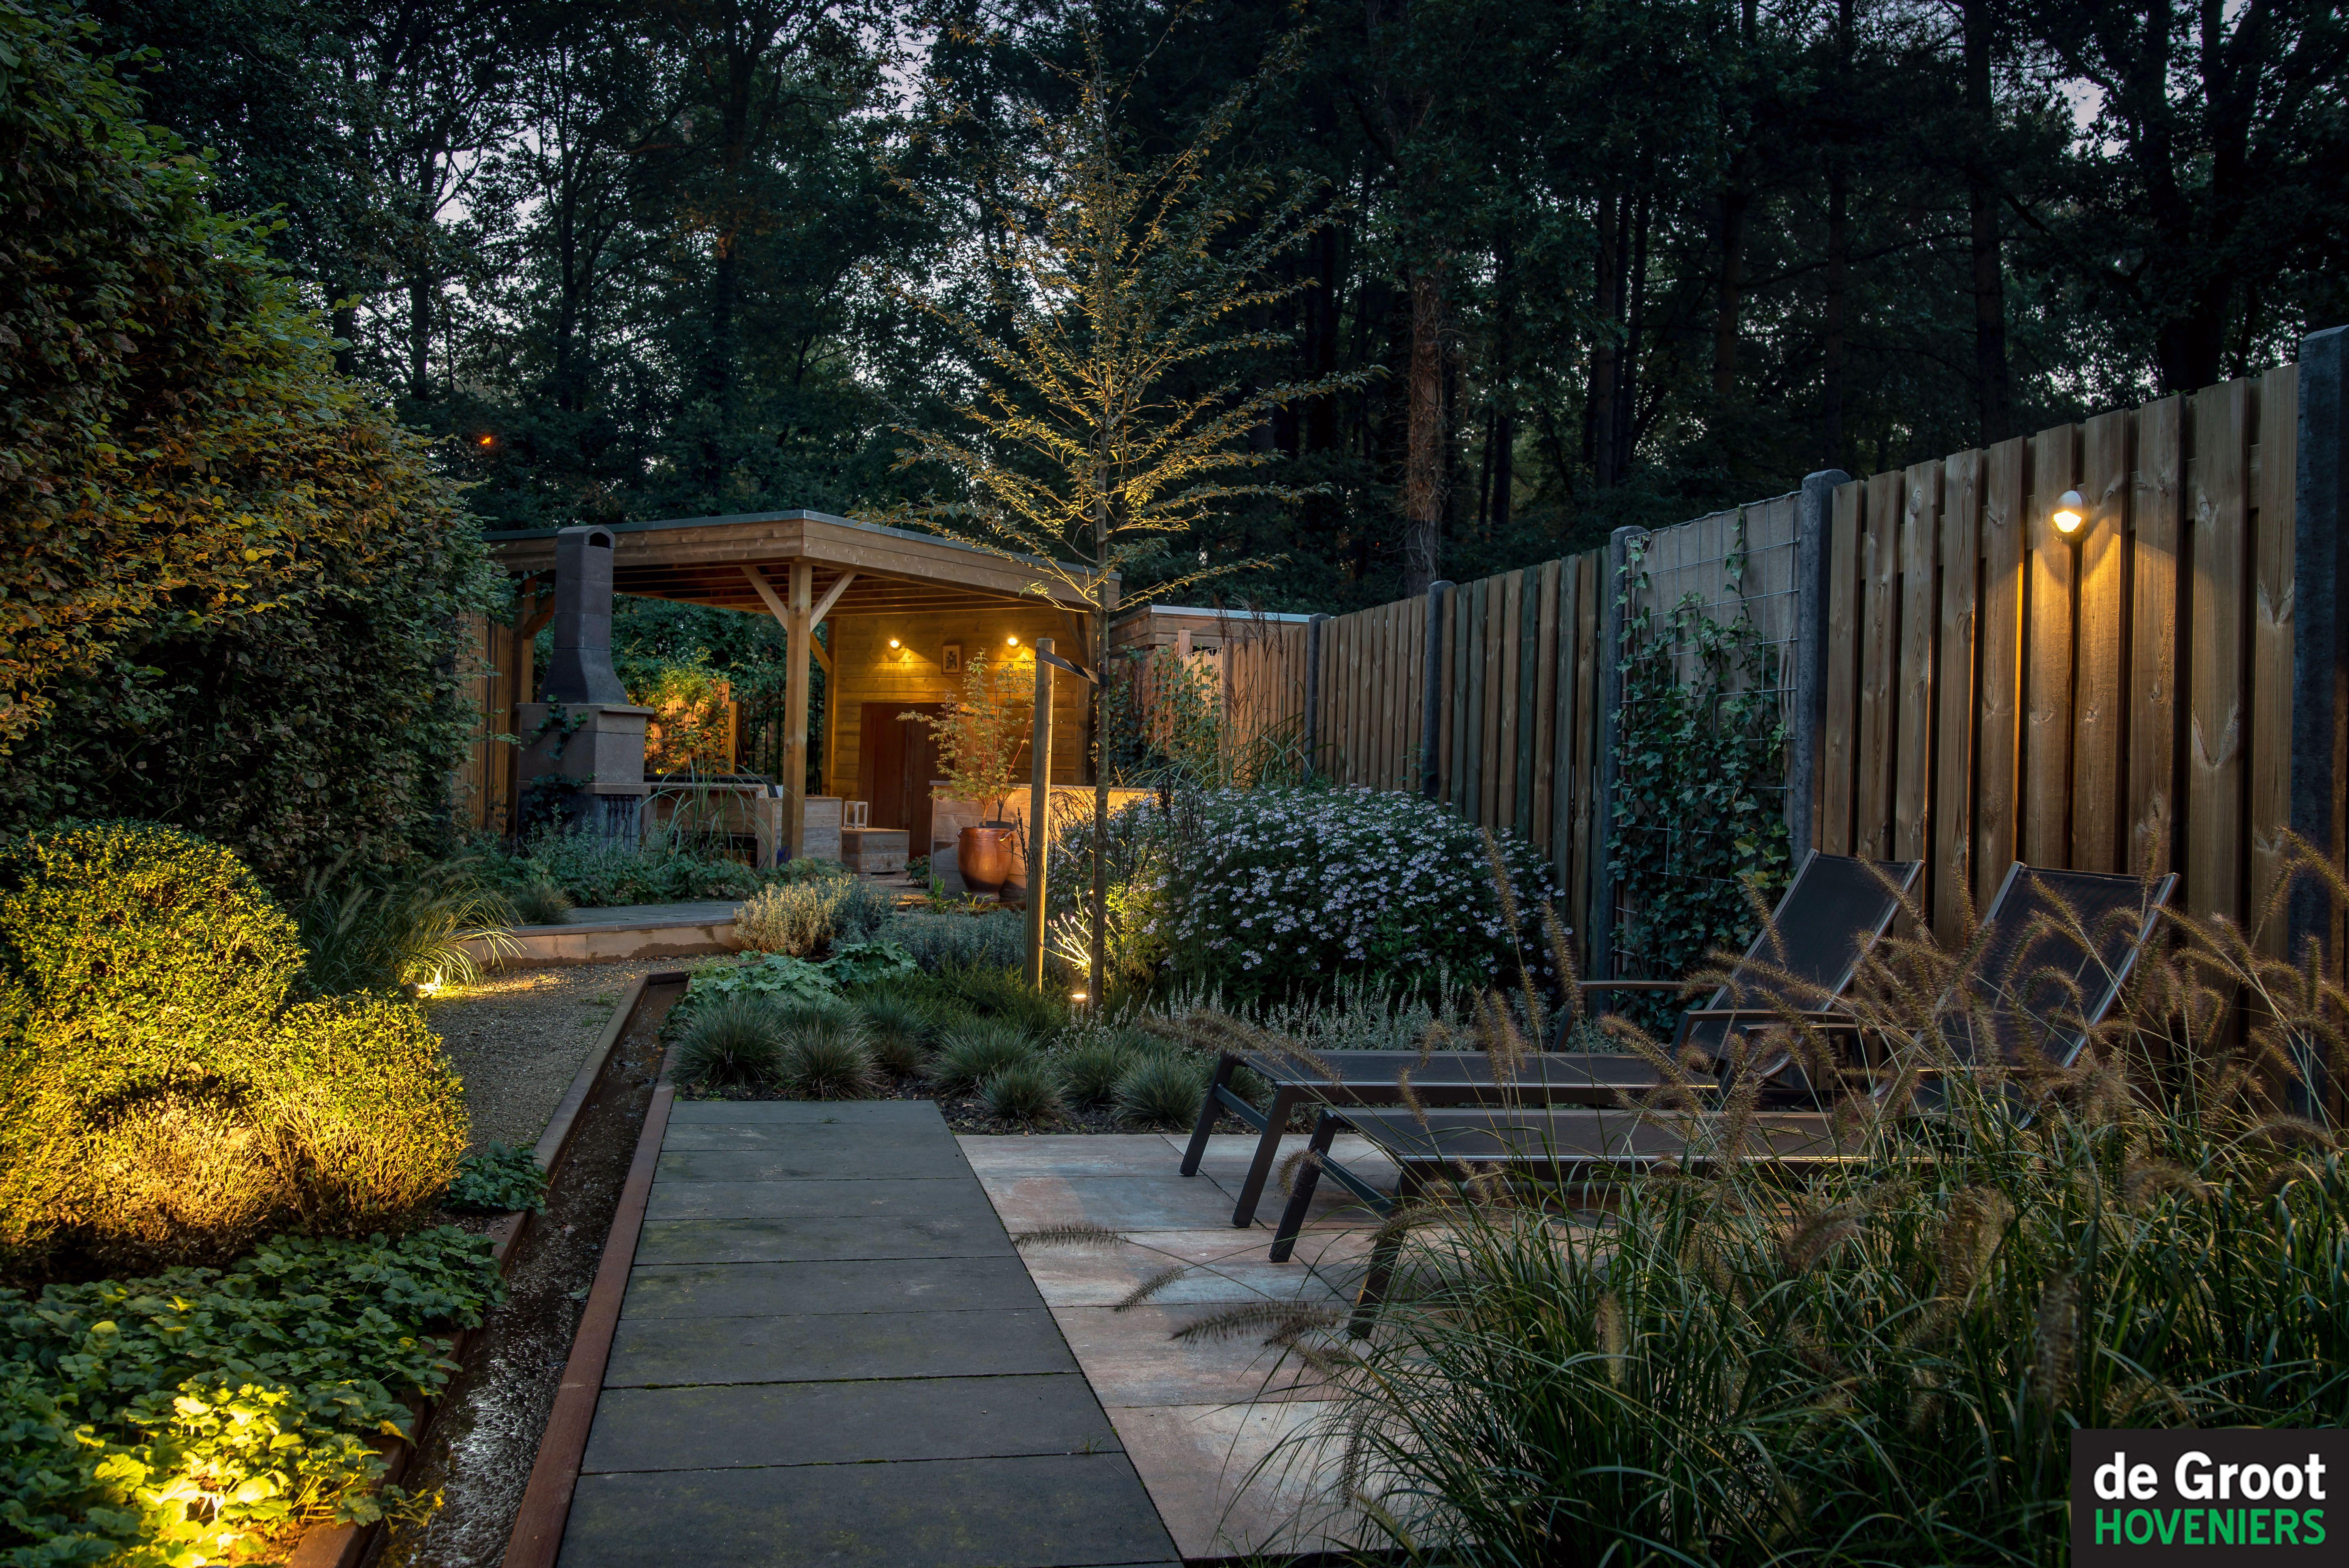 tuin waarin het schemert en de verlichting is ingeschakeld op de schutting en wand van